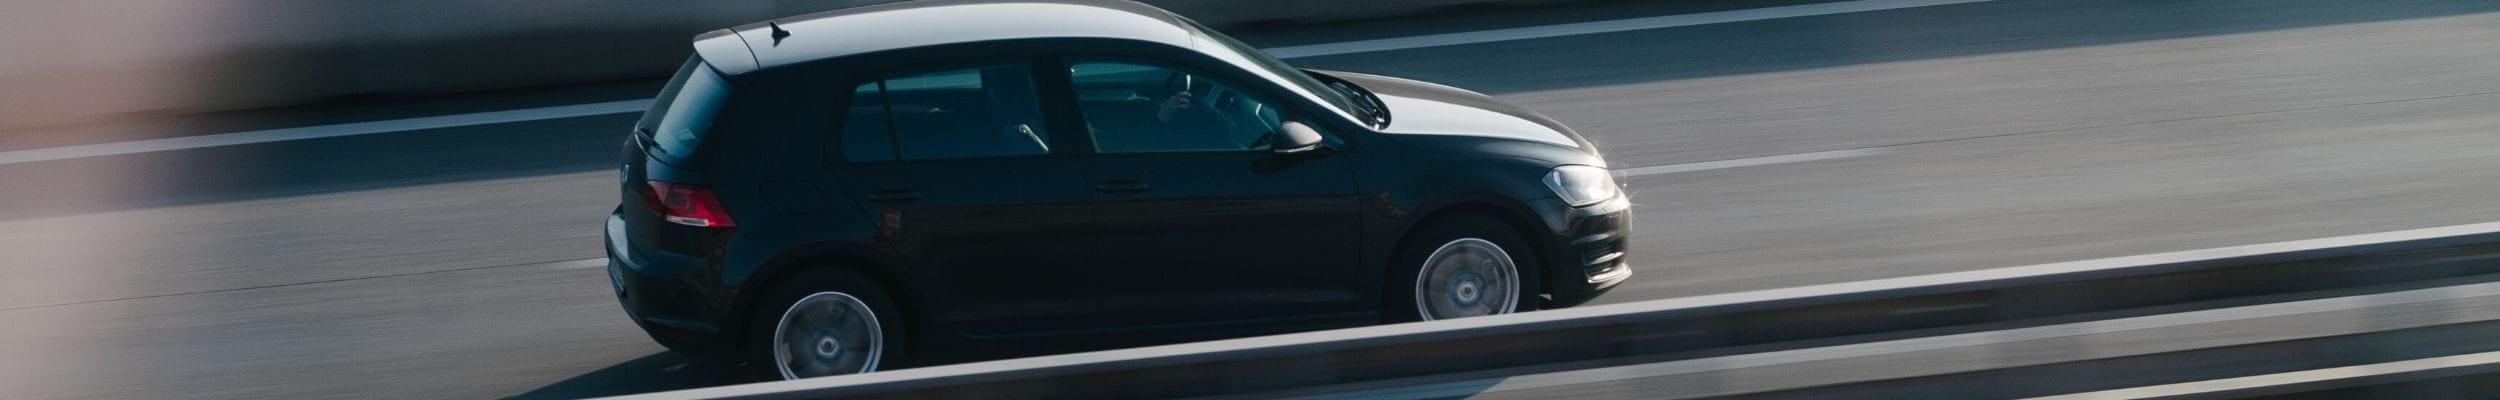 Car driving down motorway